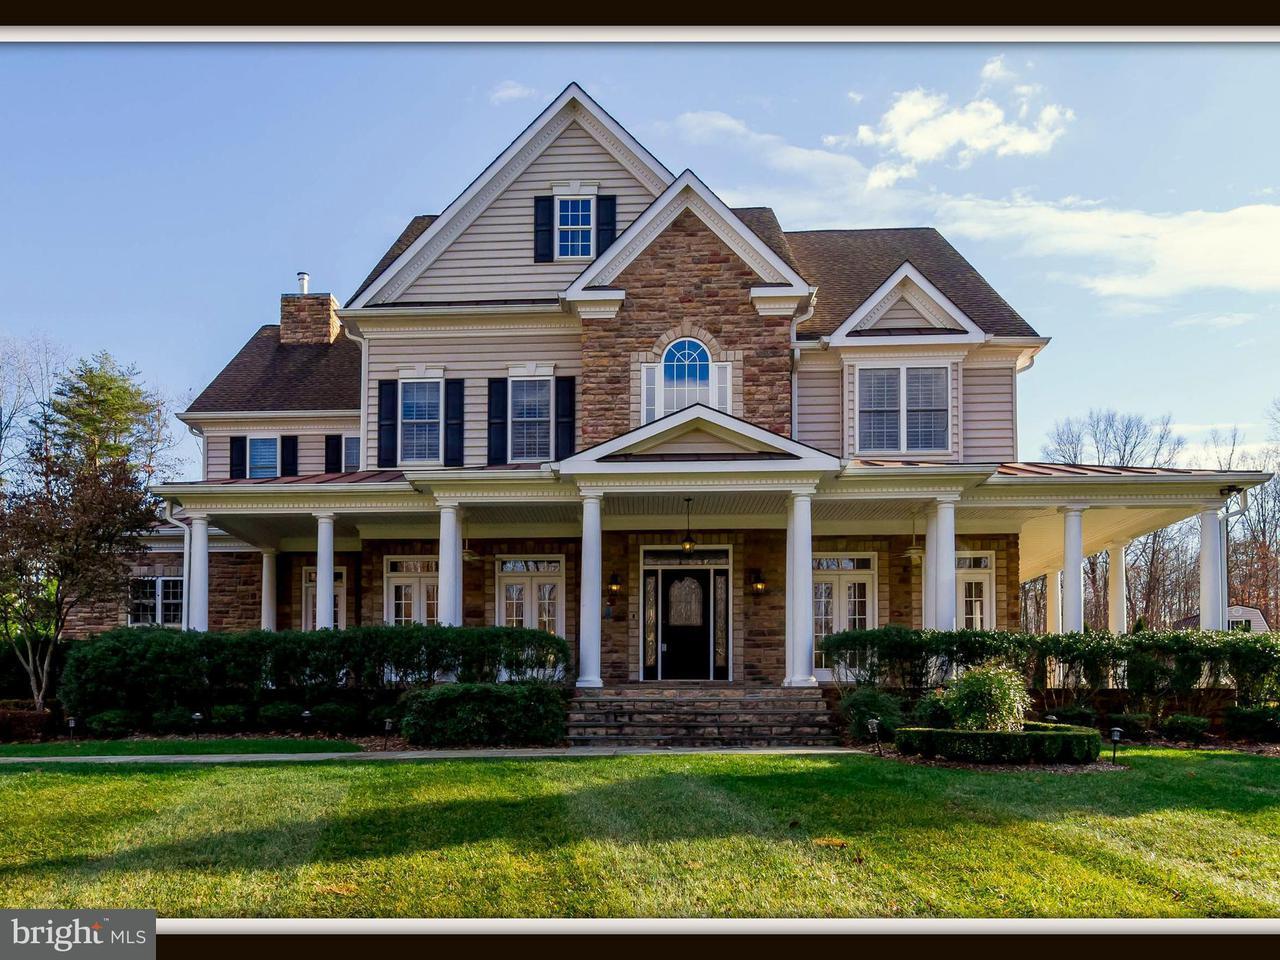 獨棟家庭住宅 為 出售 在 78 Partridge Lane 78 Partridge Lane Stafford, 弗吉尼亞州 22556 美國